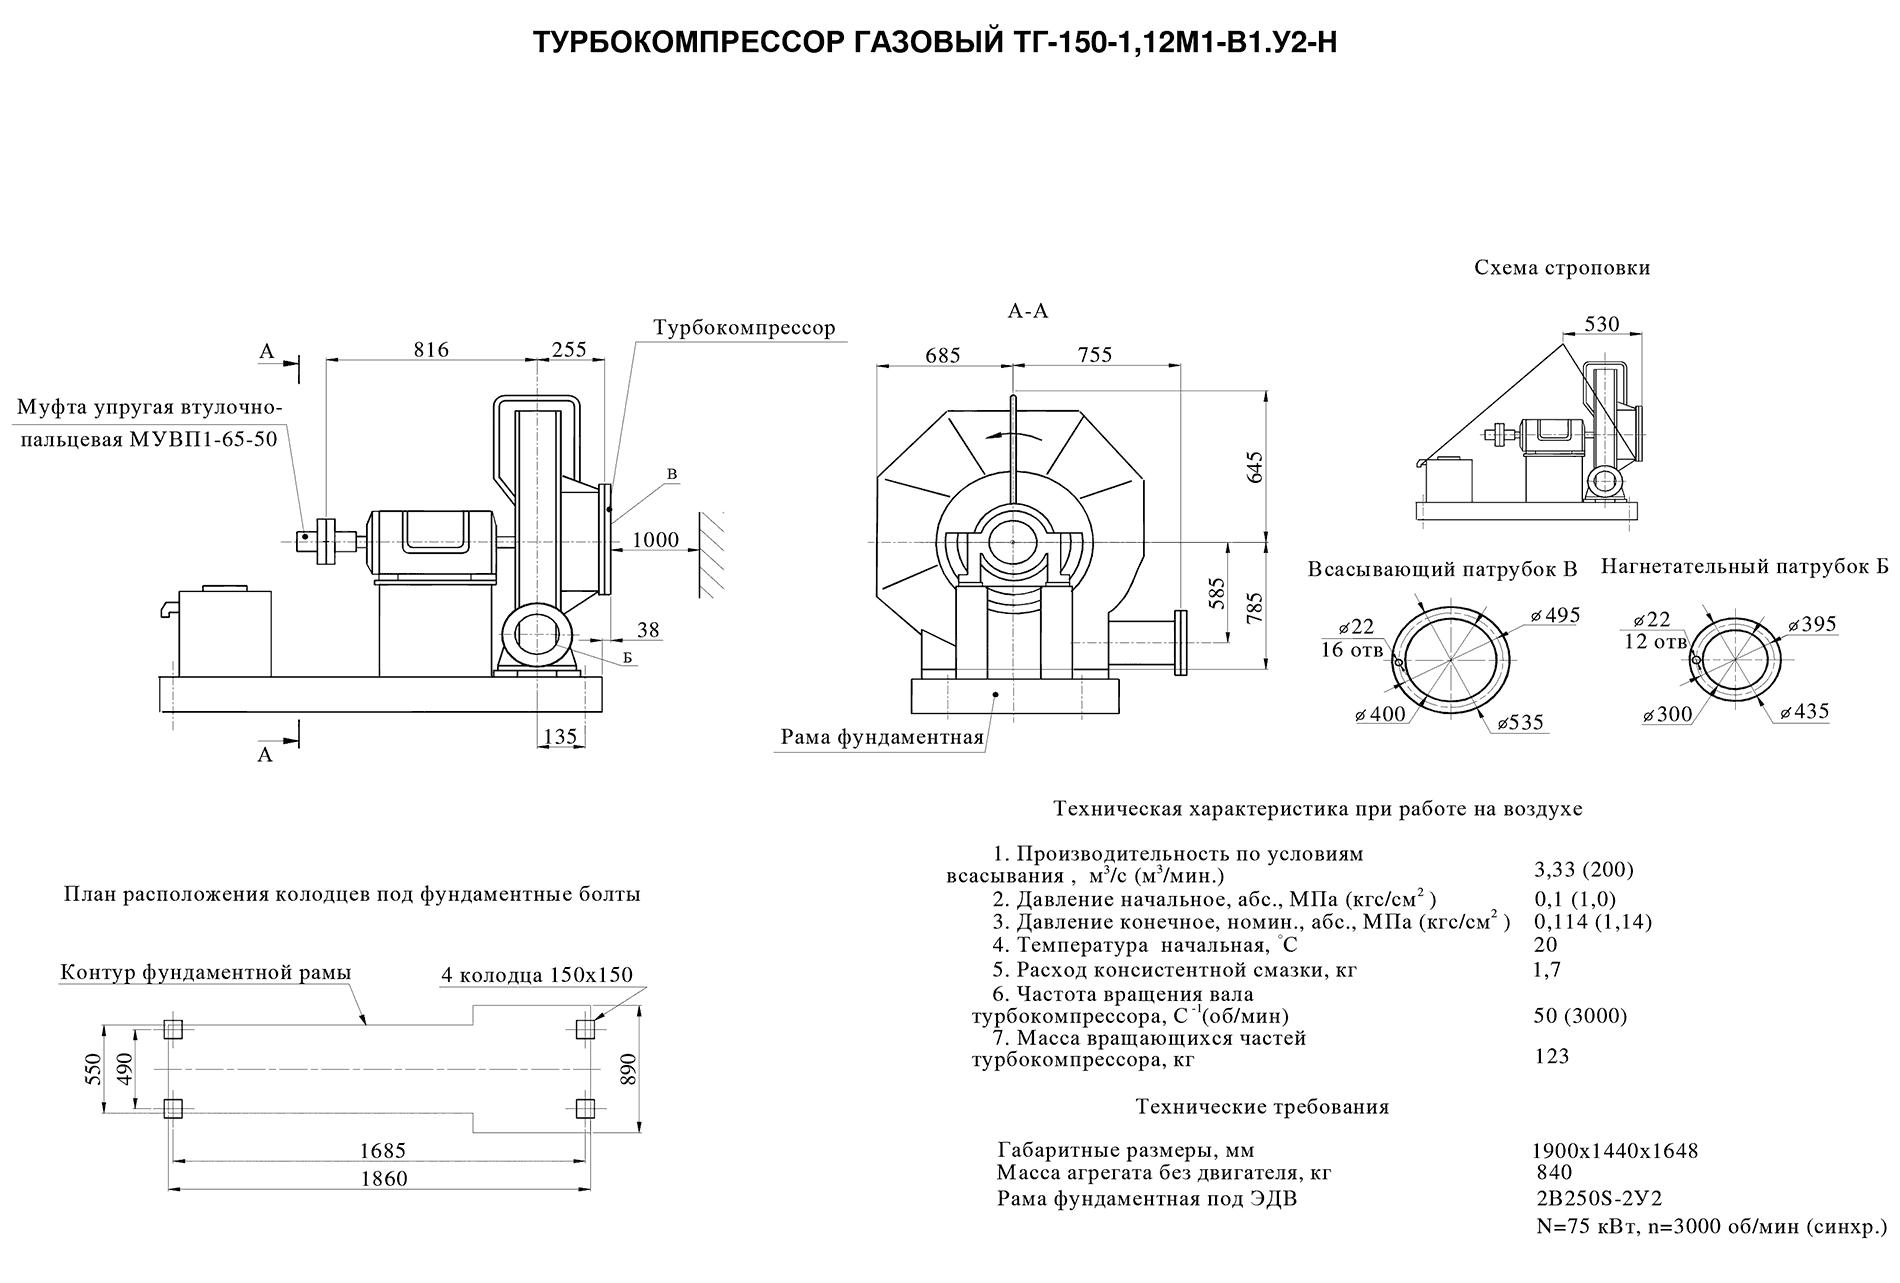 Техническое описание 3ТГ-150-1,12М1-01